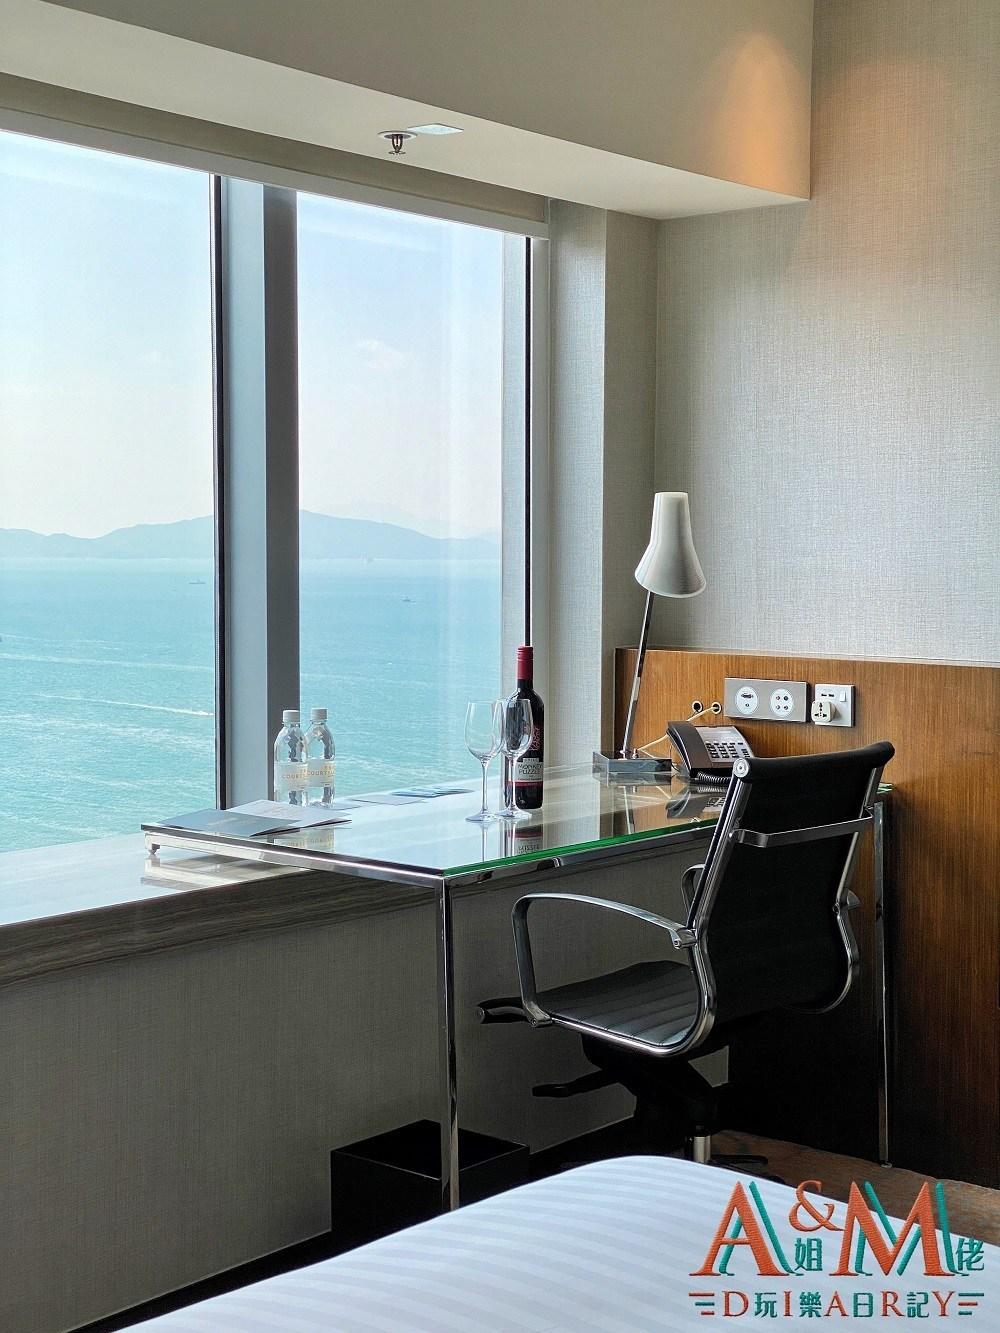 〈好遊〉香港Staycation之選 香港萬怡酒店